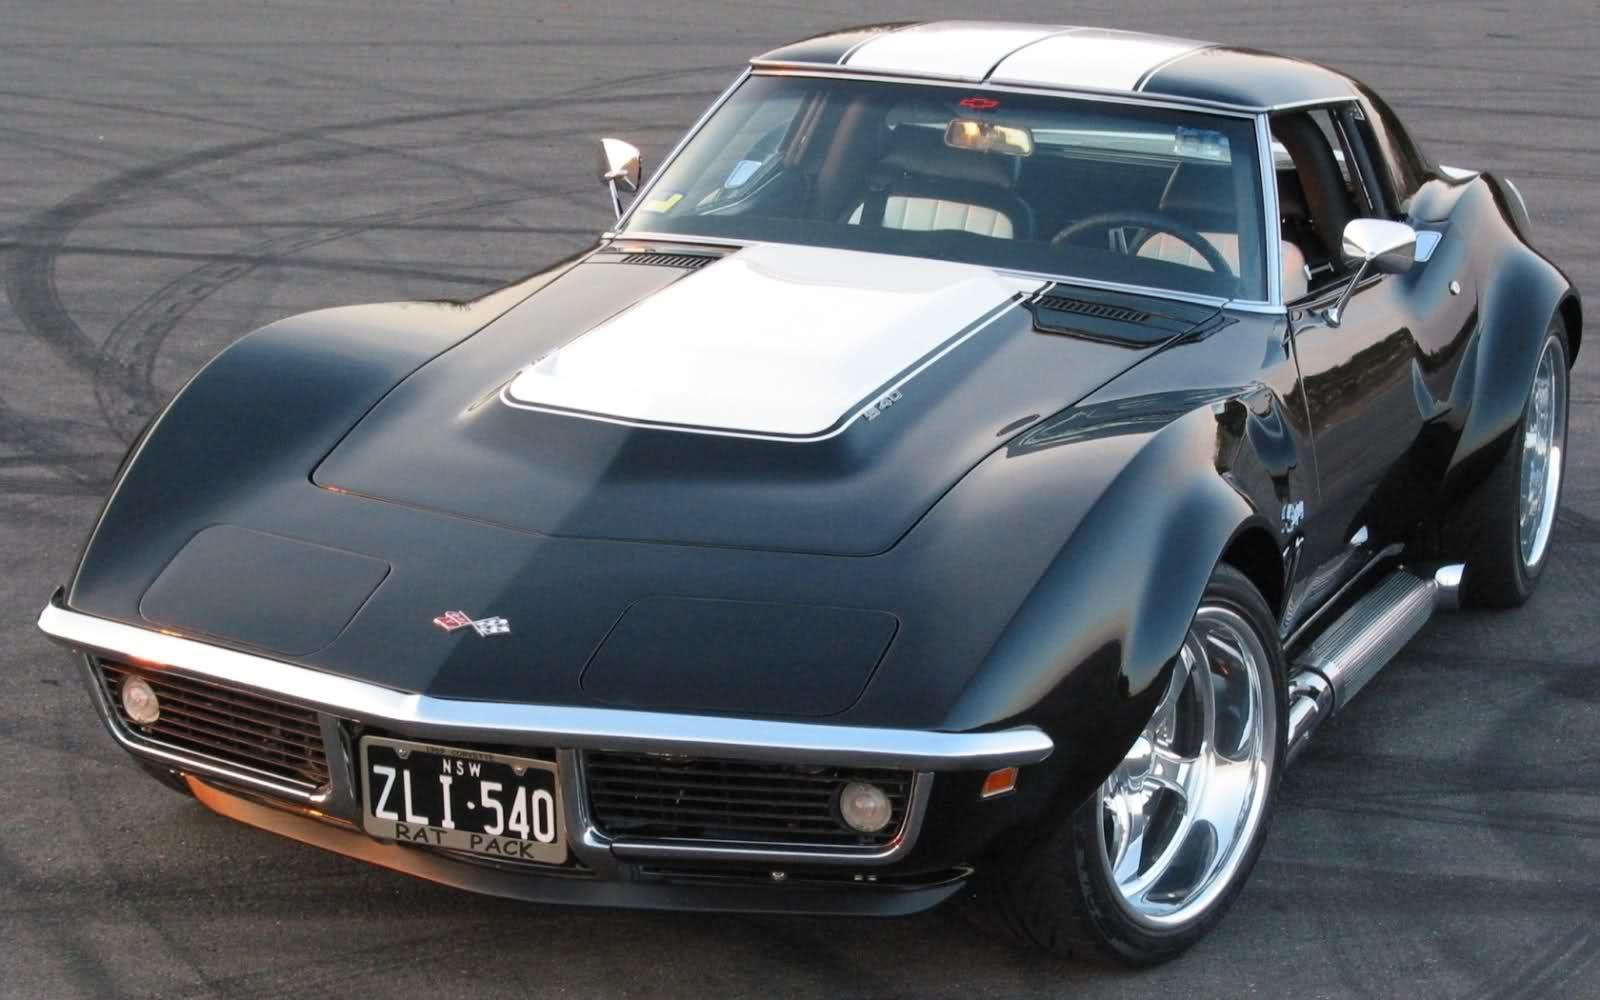 Chevrolet Corvette (C3) Stingray ZL-1 540   Muscle Cars   Pinterest ...